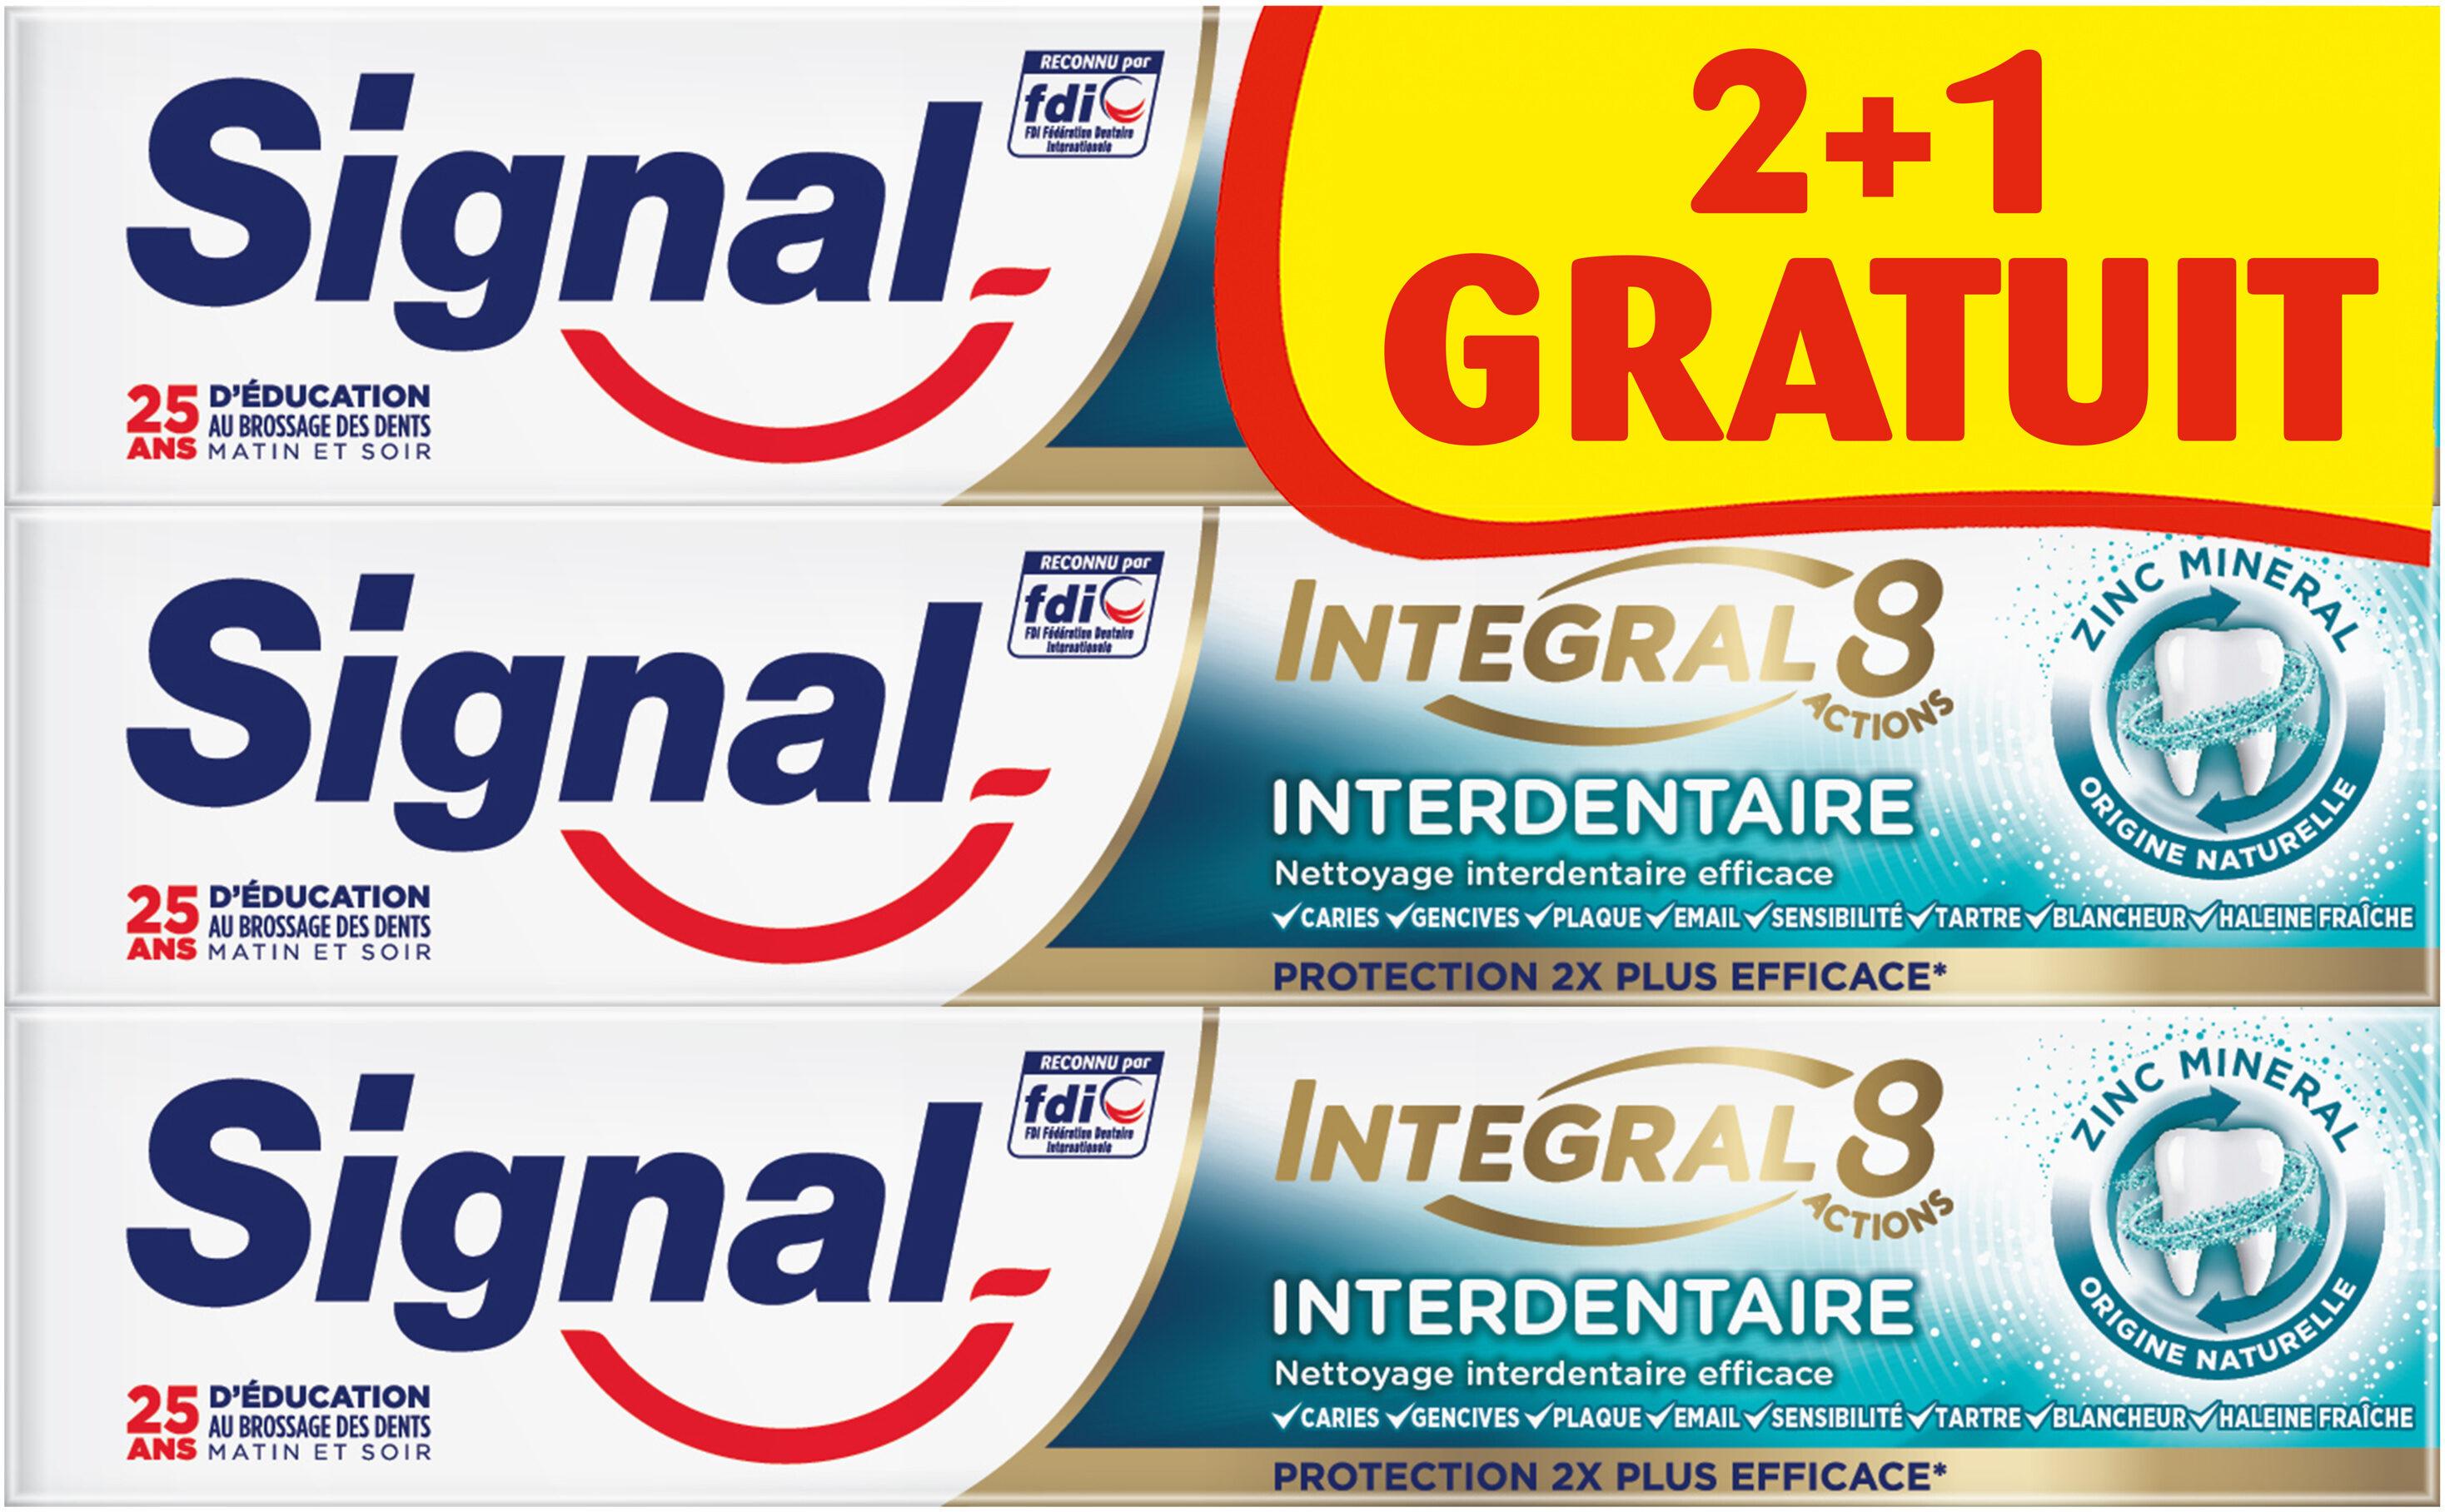 Signal Integral 8 Dentifrice Interdentaire 75ml Lot de 3(2+1 Offert) - Product - fr